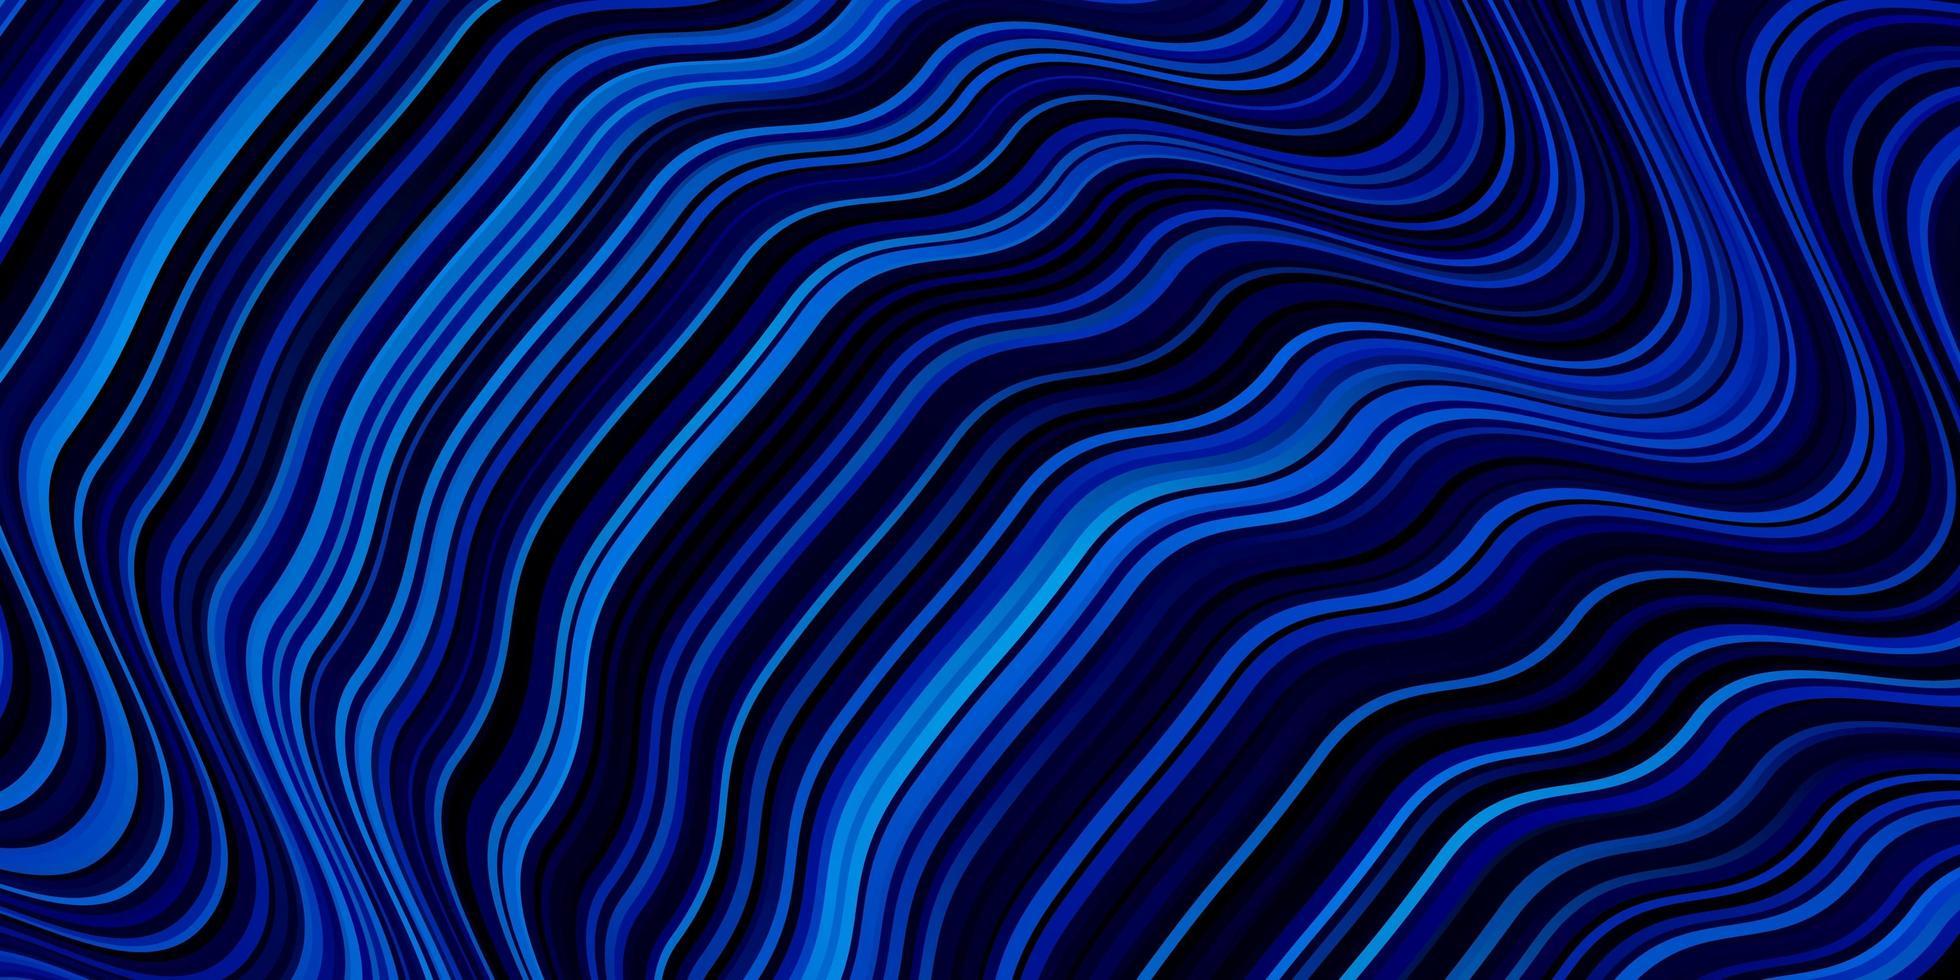 layout vettoriale azzurro con linee ironiche.